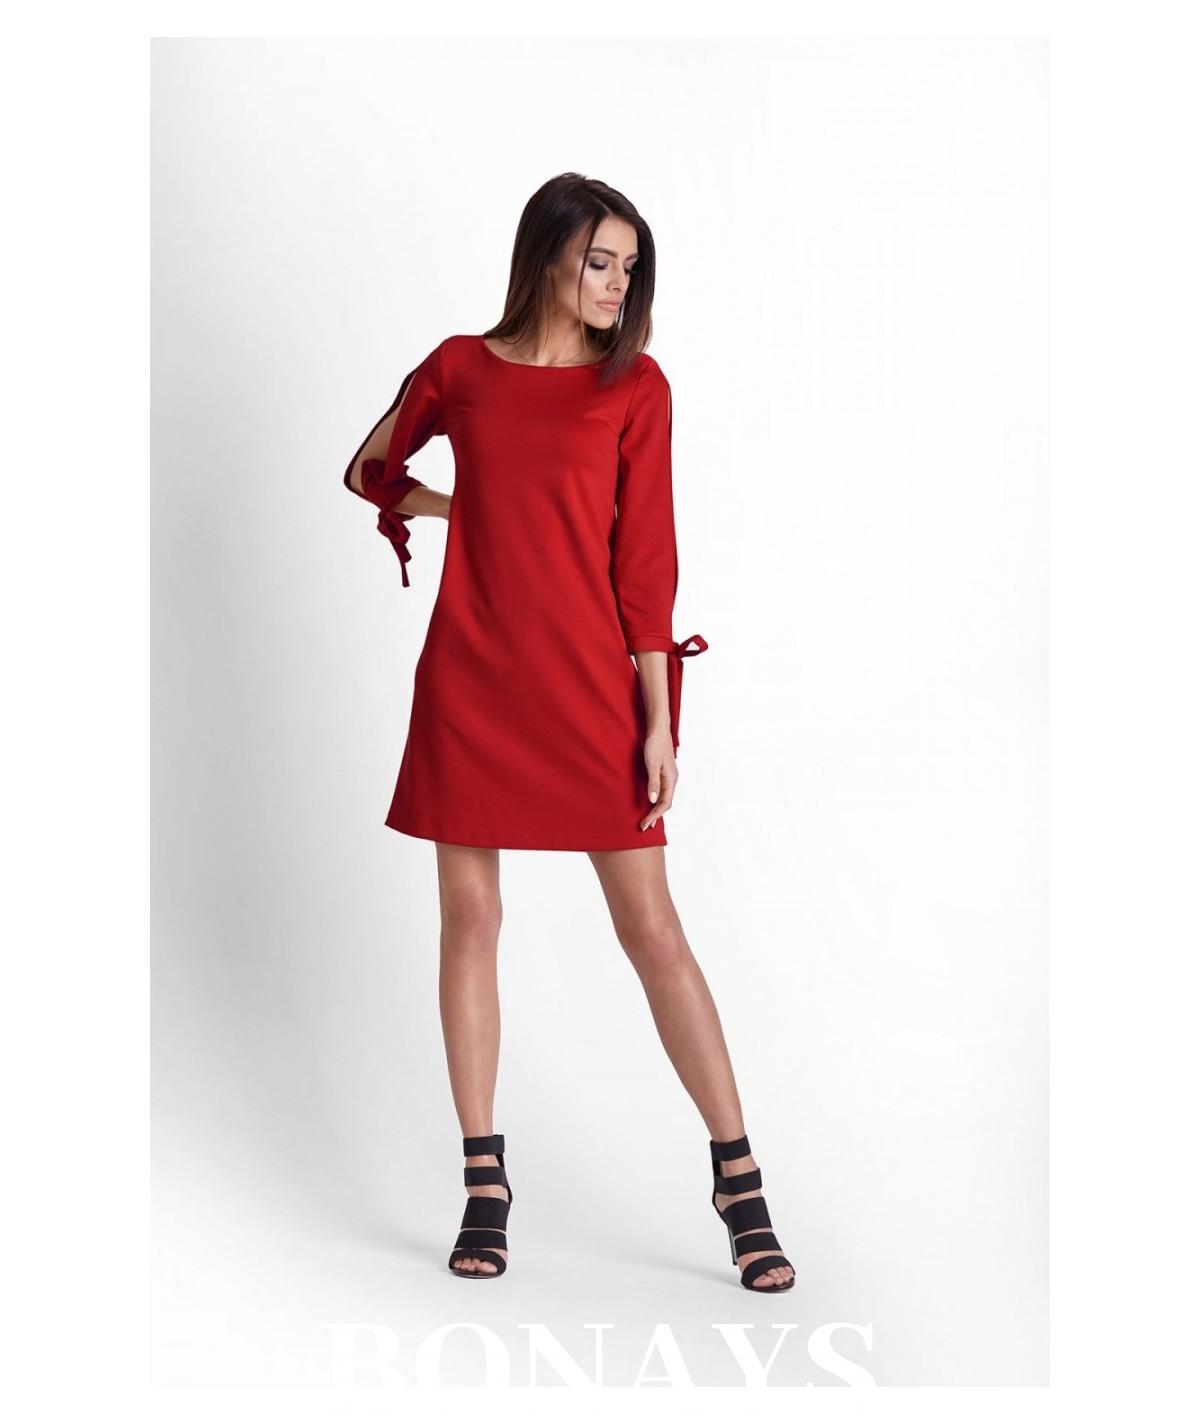 trapezowa czerwona sukienka, IVON